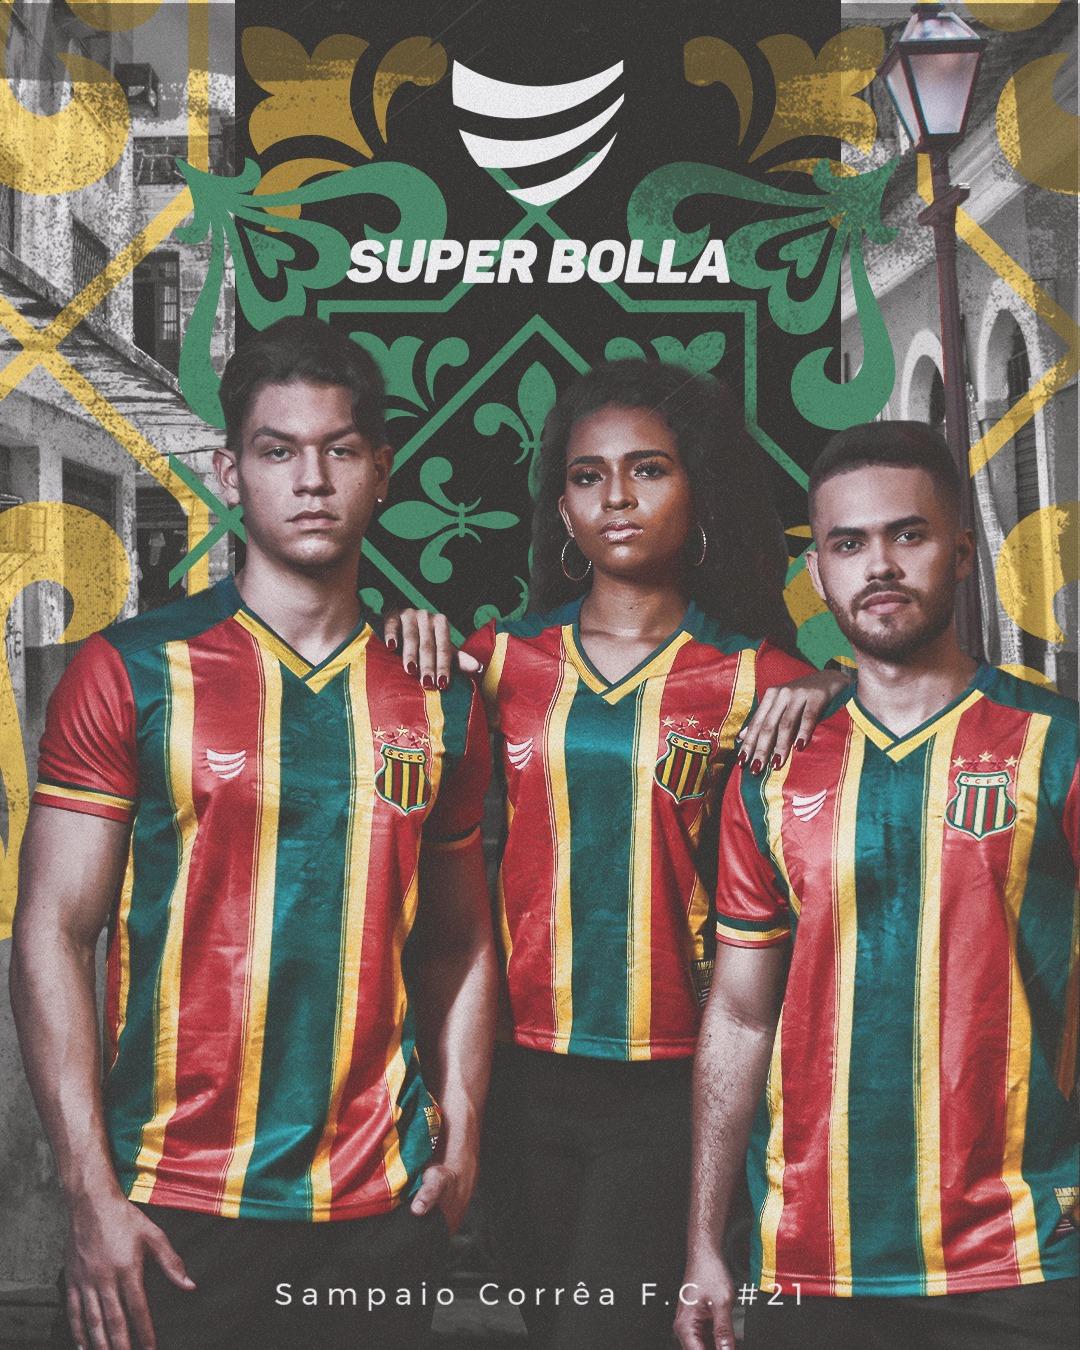 Camisas do Sampaio Corrêa 2021 Super Bolla 1